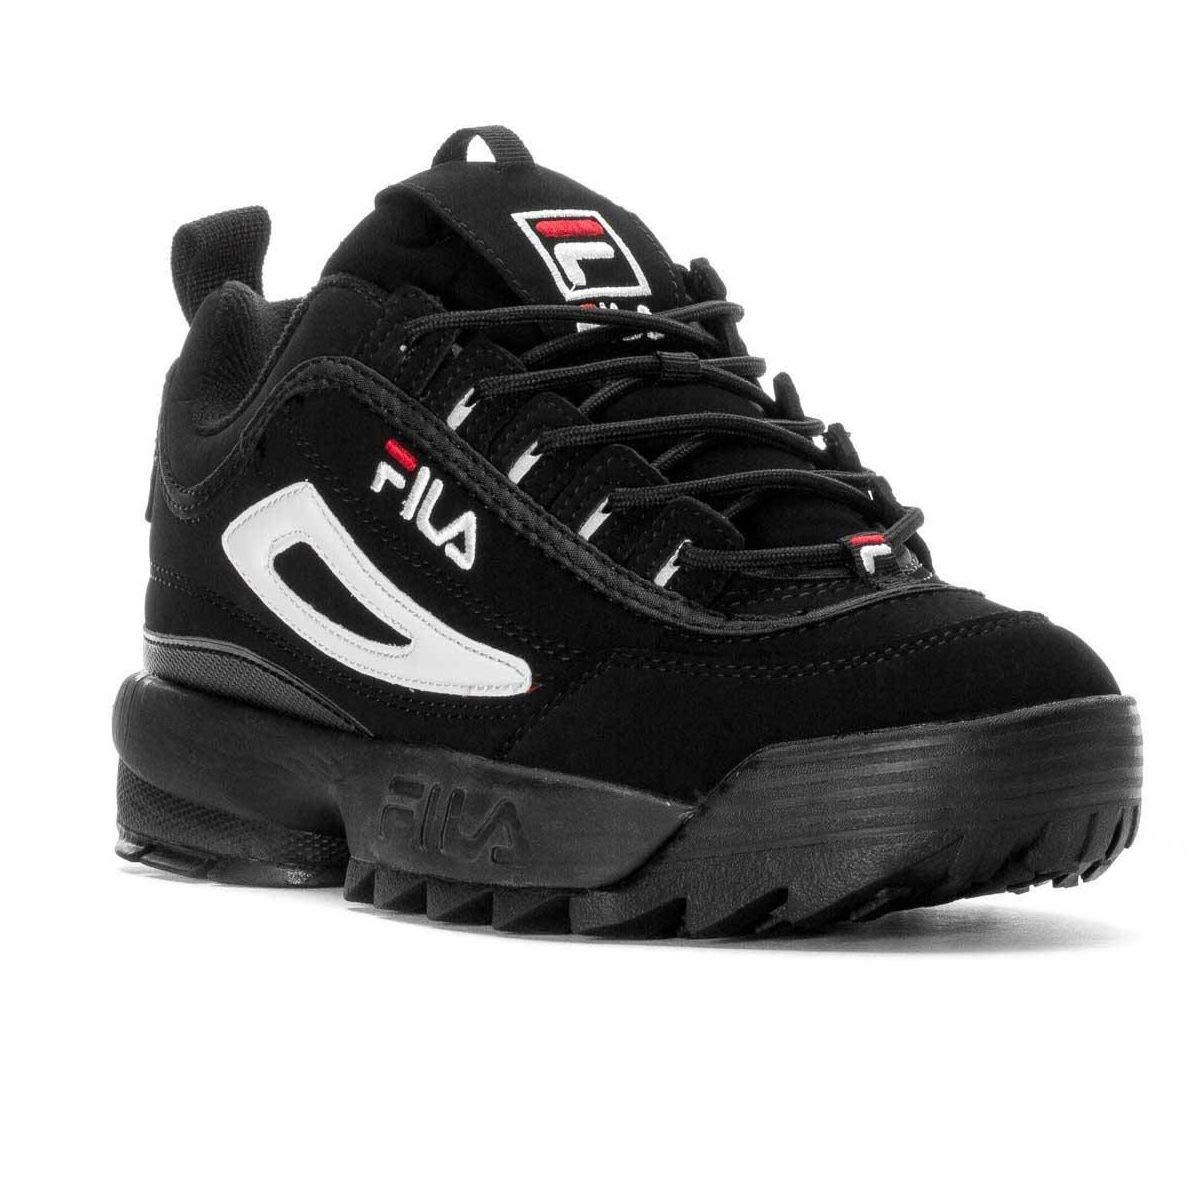 Fila Sneakers Uomo 101049012V Camoscio Nero  Amazon.it  Scarpe e borse 87e76811716